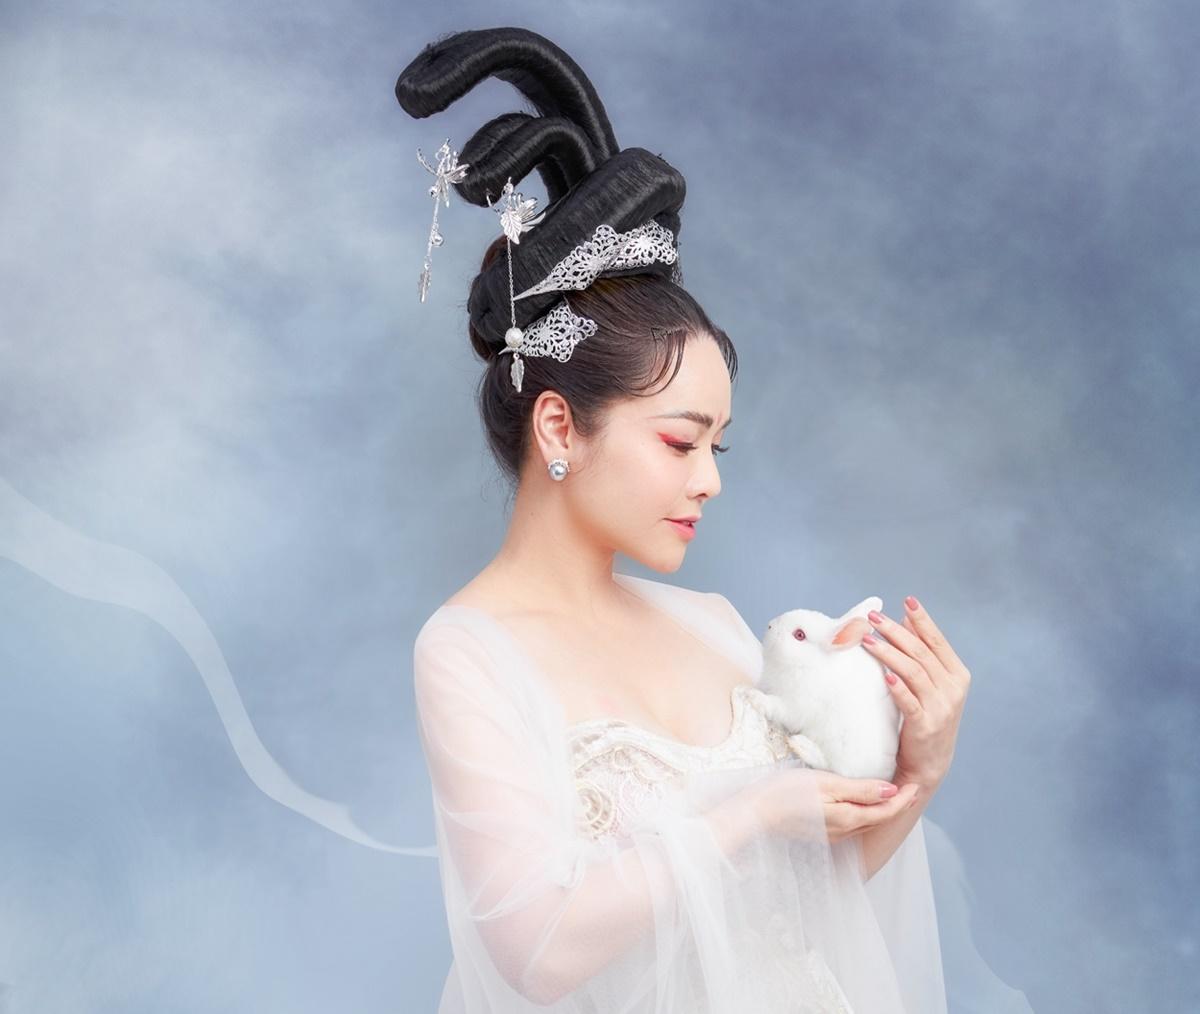 Nhiếp ảnh gia Nhật Đỗ khen Kim Anh có vóc dáng mảnh mai, gương mặt trẻ trung nên hợp với bối cảnh của buổi chụp.